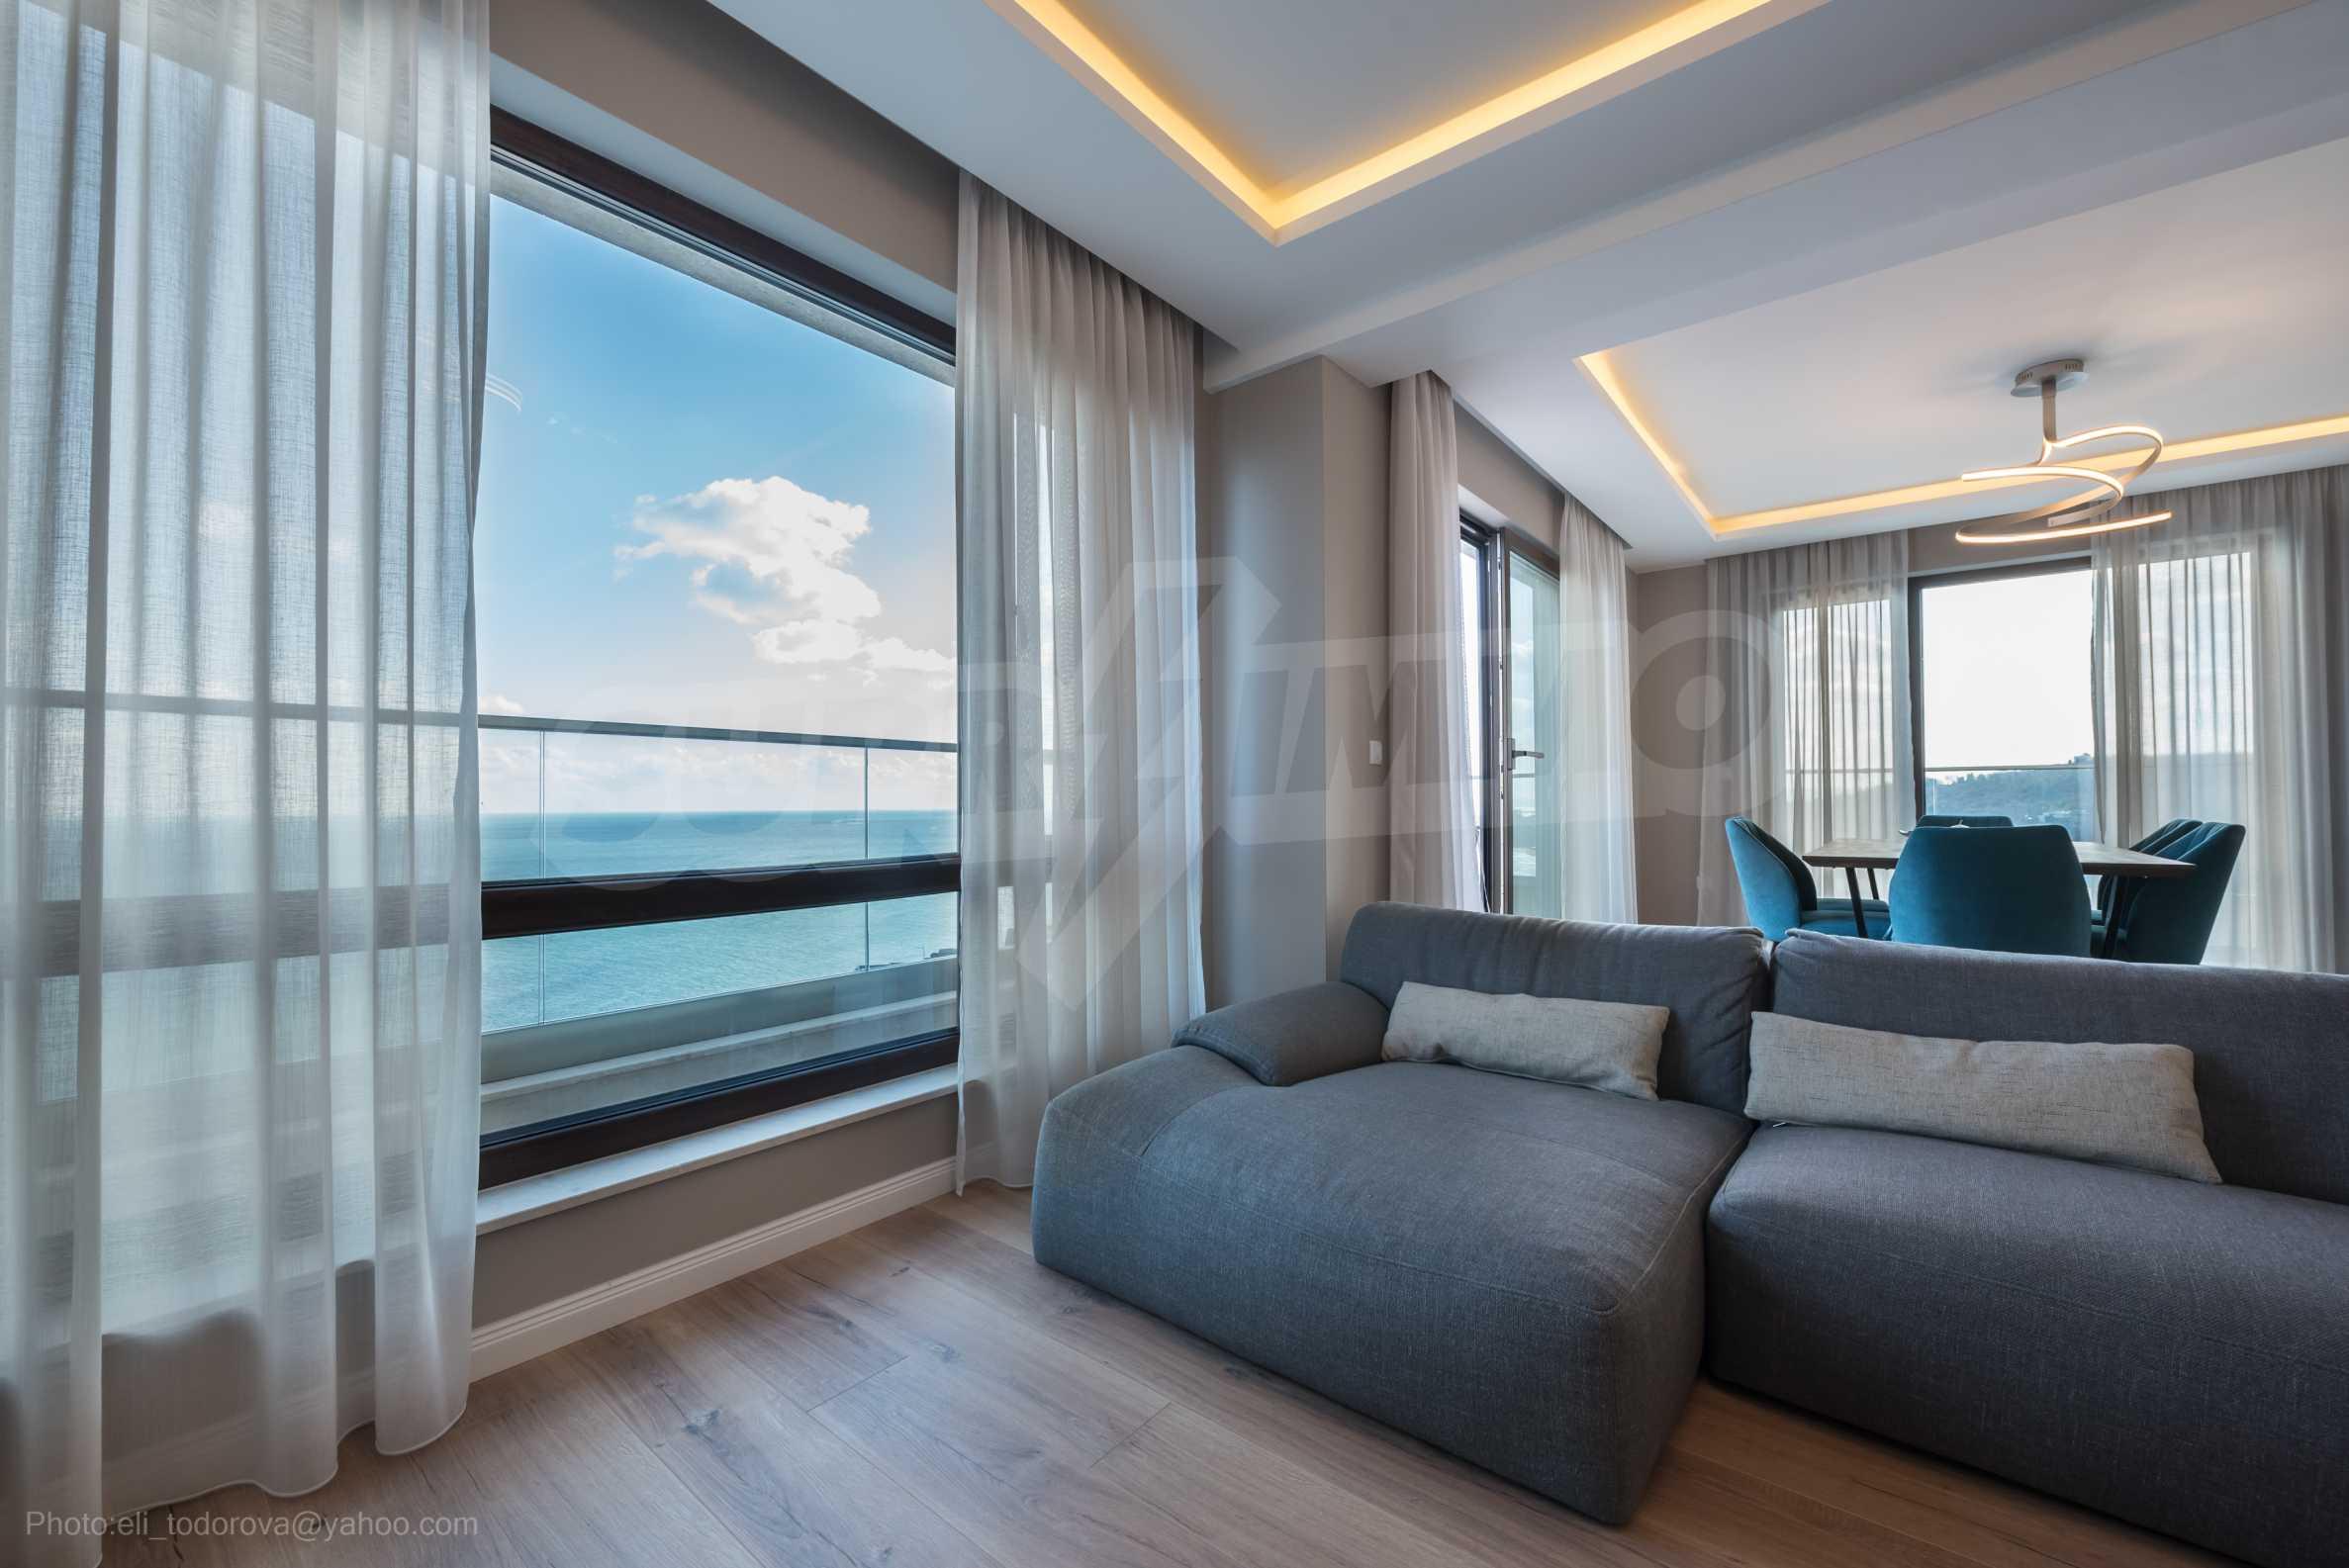 Апартамент Елеганс Вю - тристаен имот с уникална гледка към морето 3